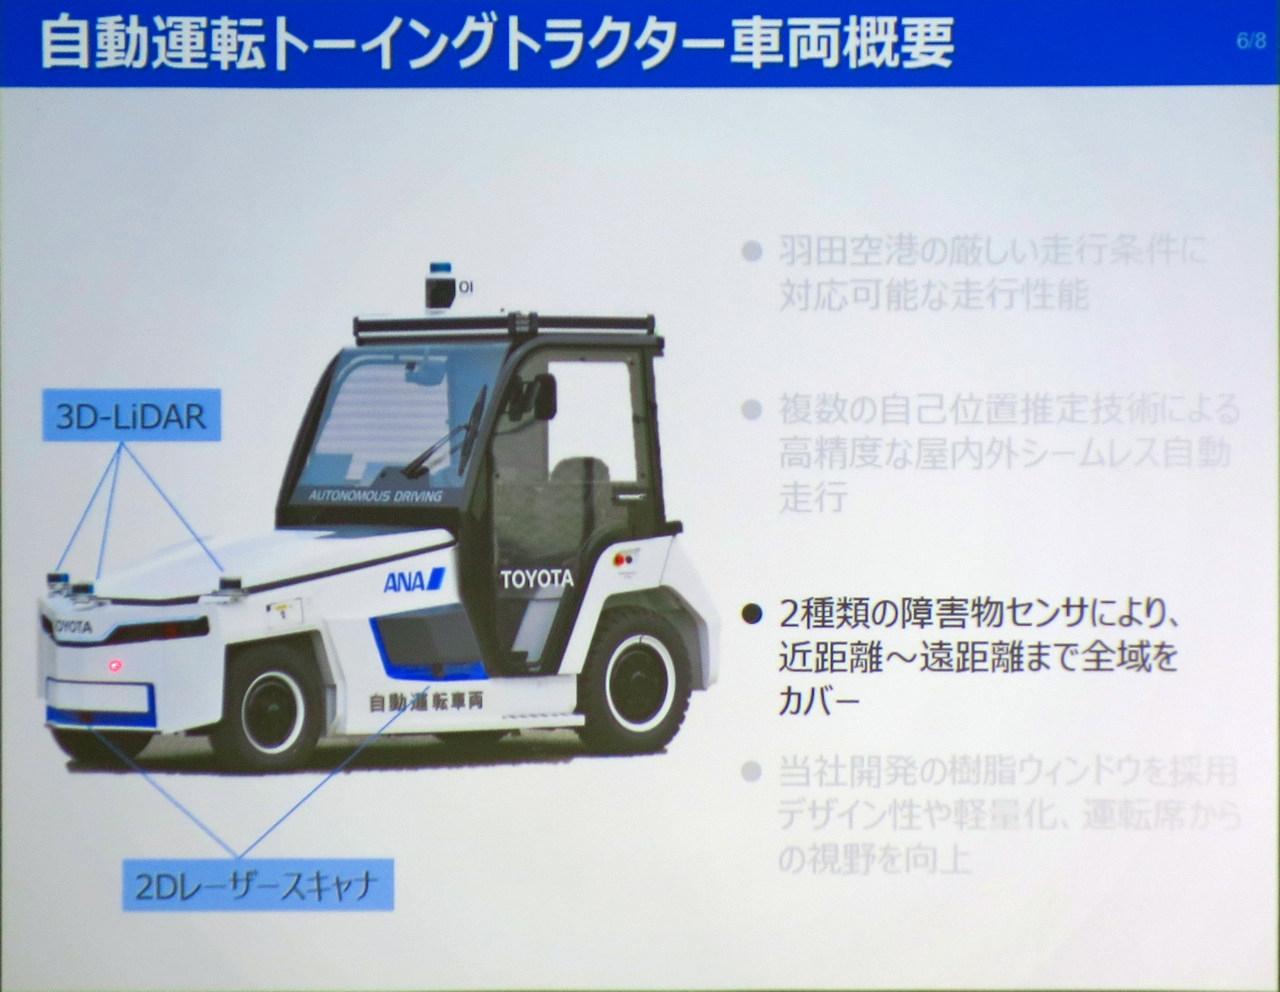 自動運転けん引車に搭載した障害物検知用のセンサー類 (出所:豊田自動織機)